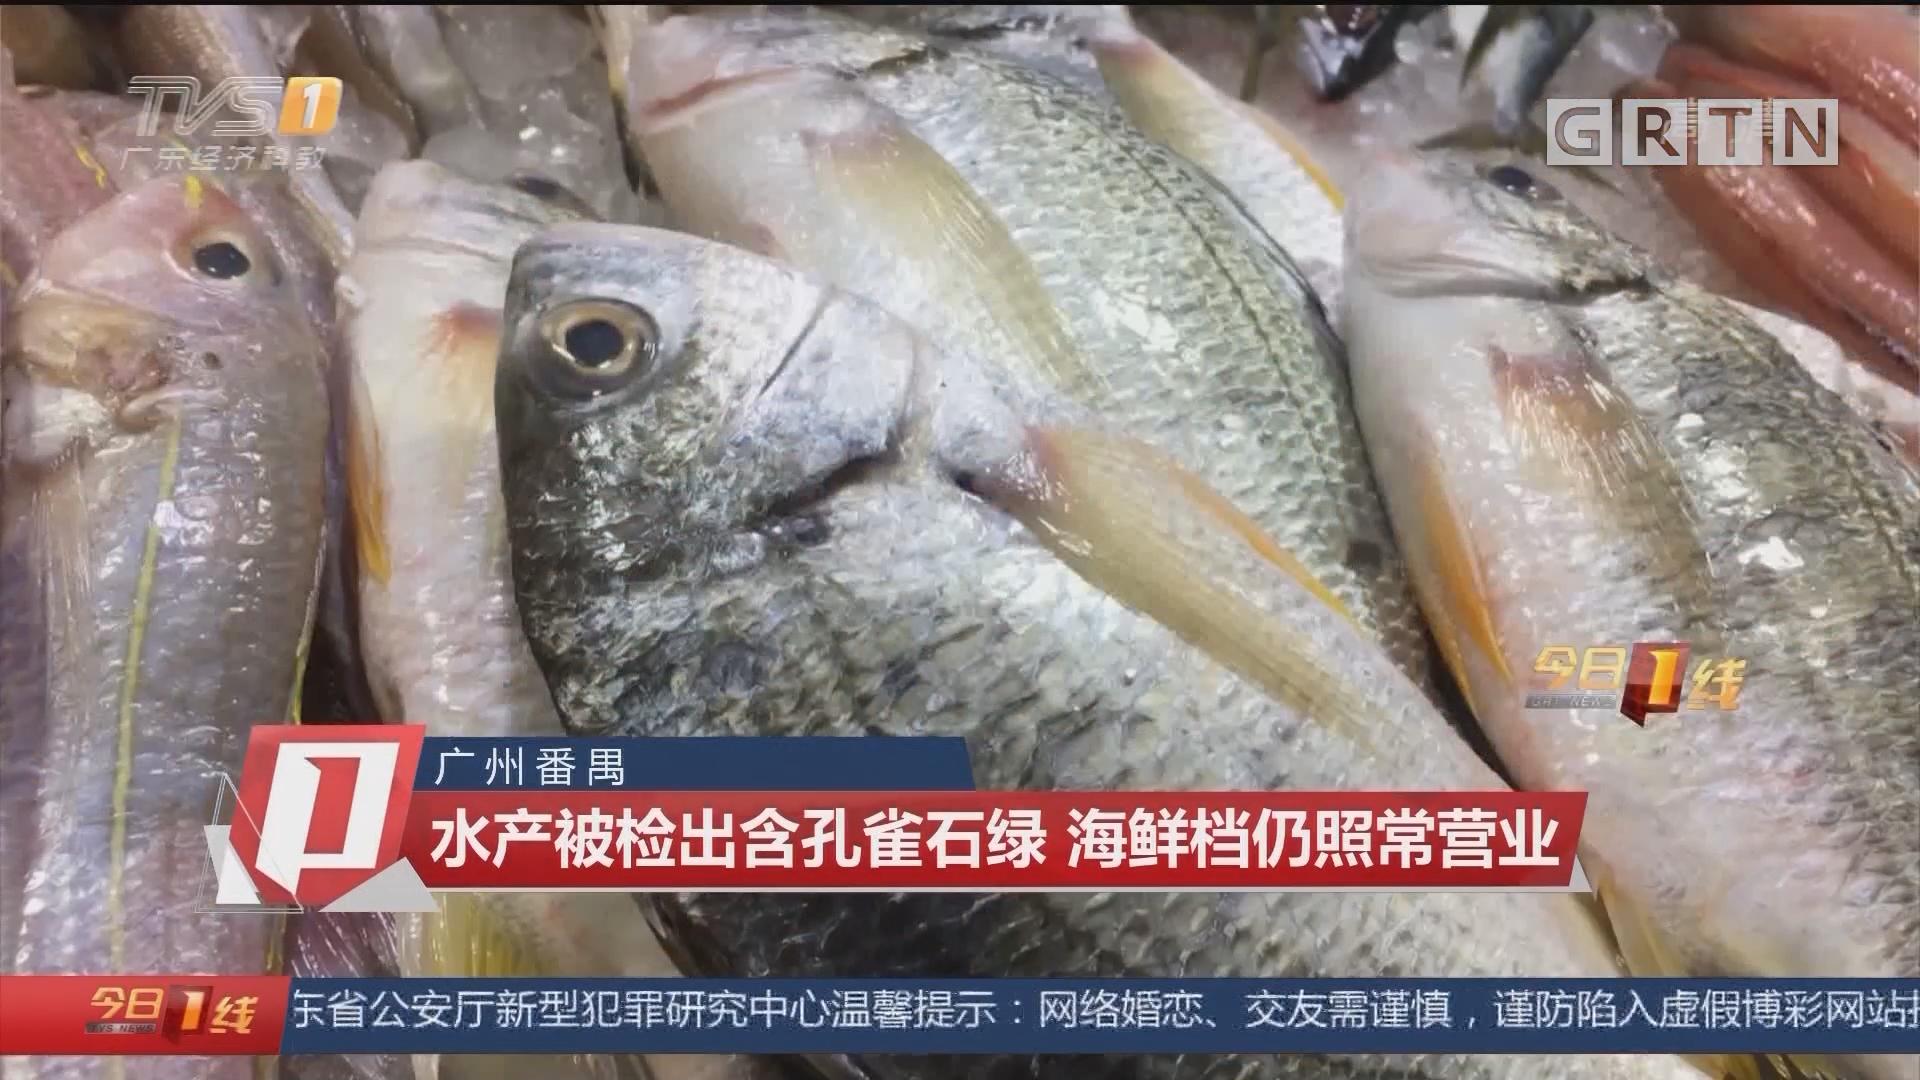 广州番禺 水产被检出含孔雀石绿 海鲜档仍照常营业